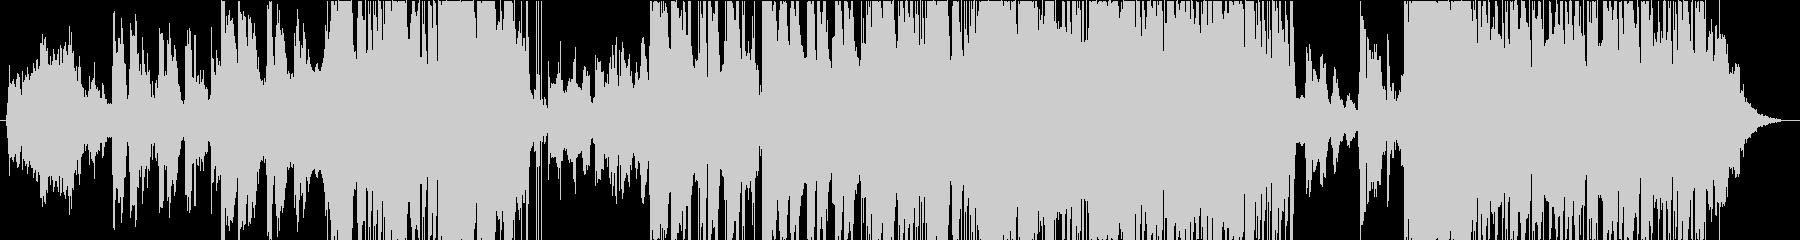 C-POPなピアノ曲の未再生の波形